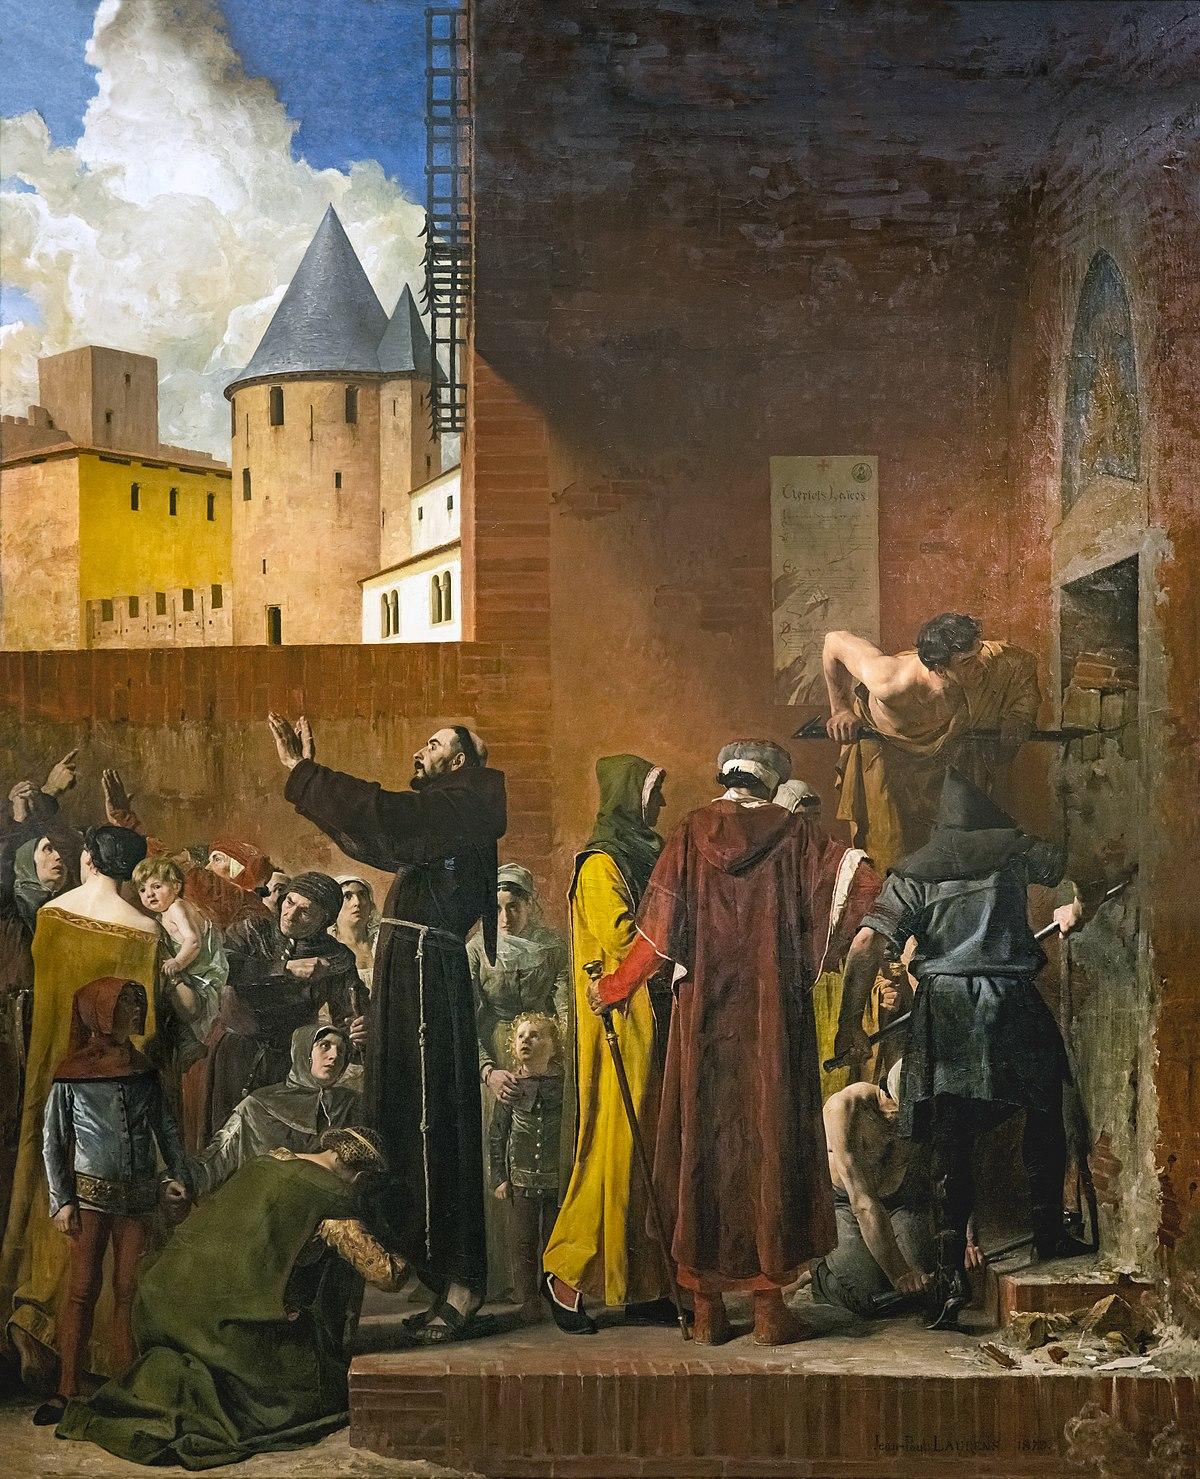 Fichier:Beaux-Arts de Carcassonne - La Délivrance des emmurés de Carcassonne 1879 - Jean Paul Laurens.jpg — Wikipédia